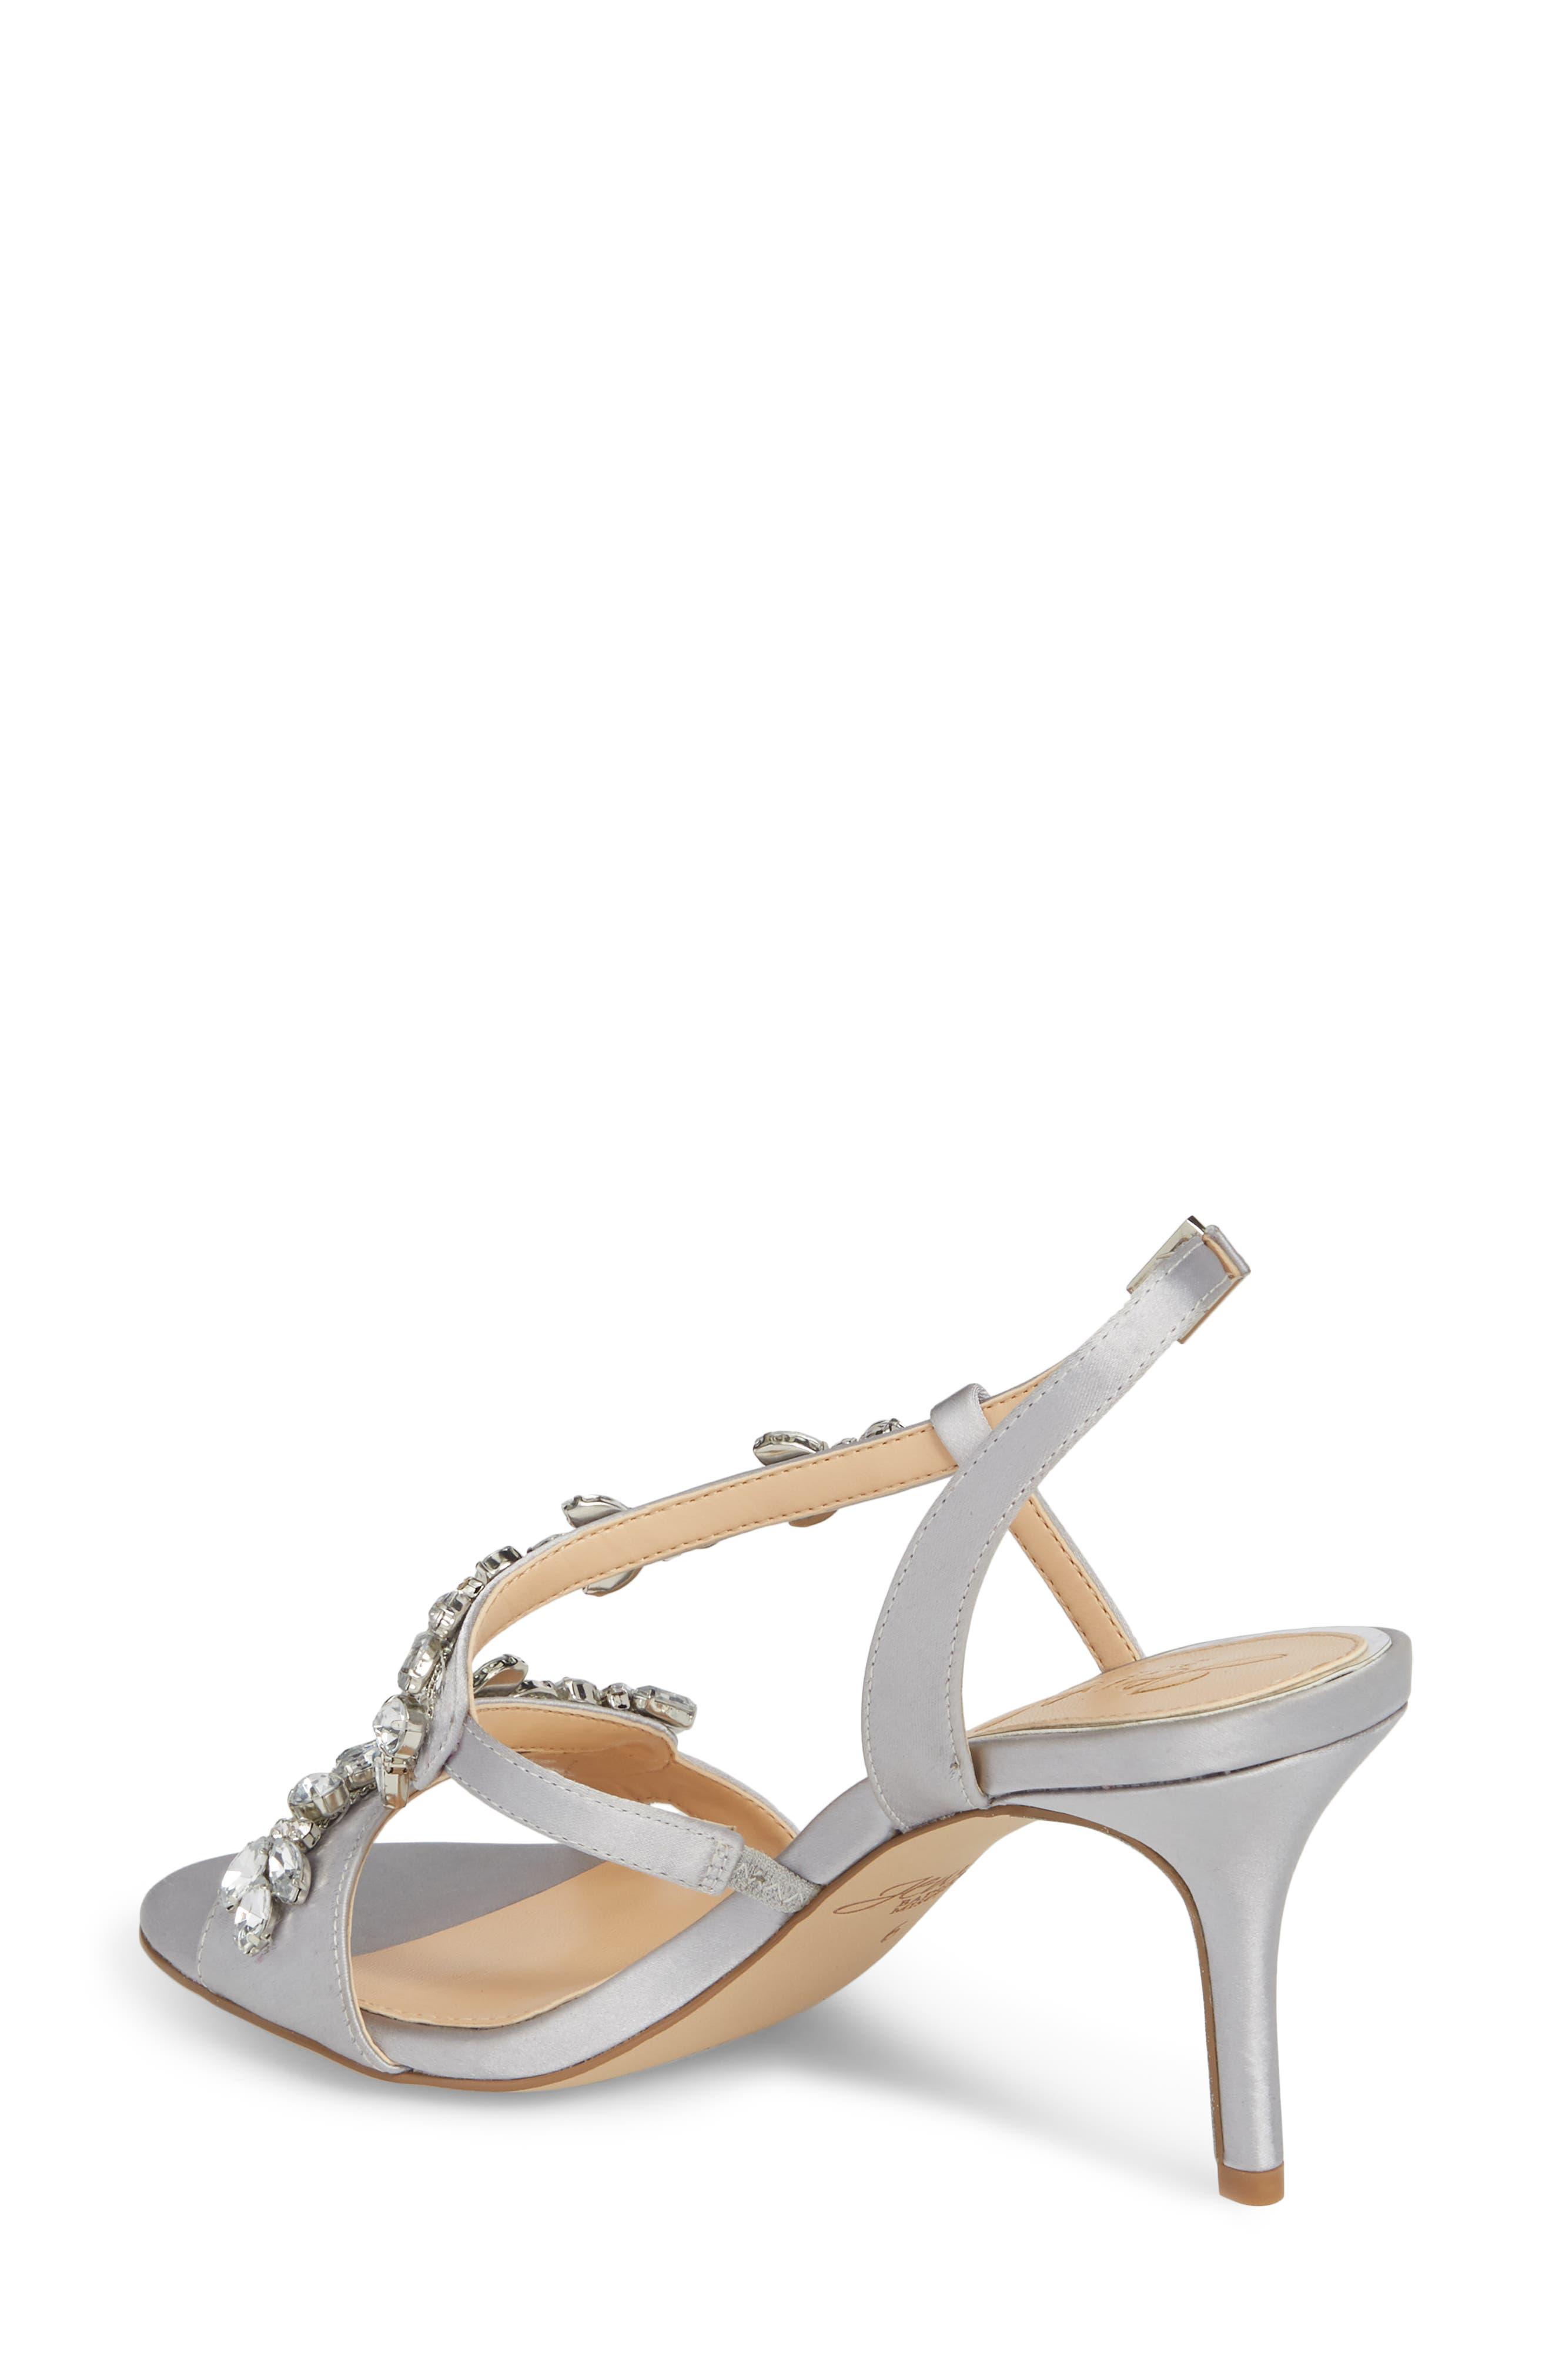 Badgley Mischka Ganet Embellished Sandal,                             Alternate thumbnail 2, color,                             045